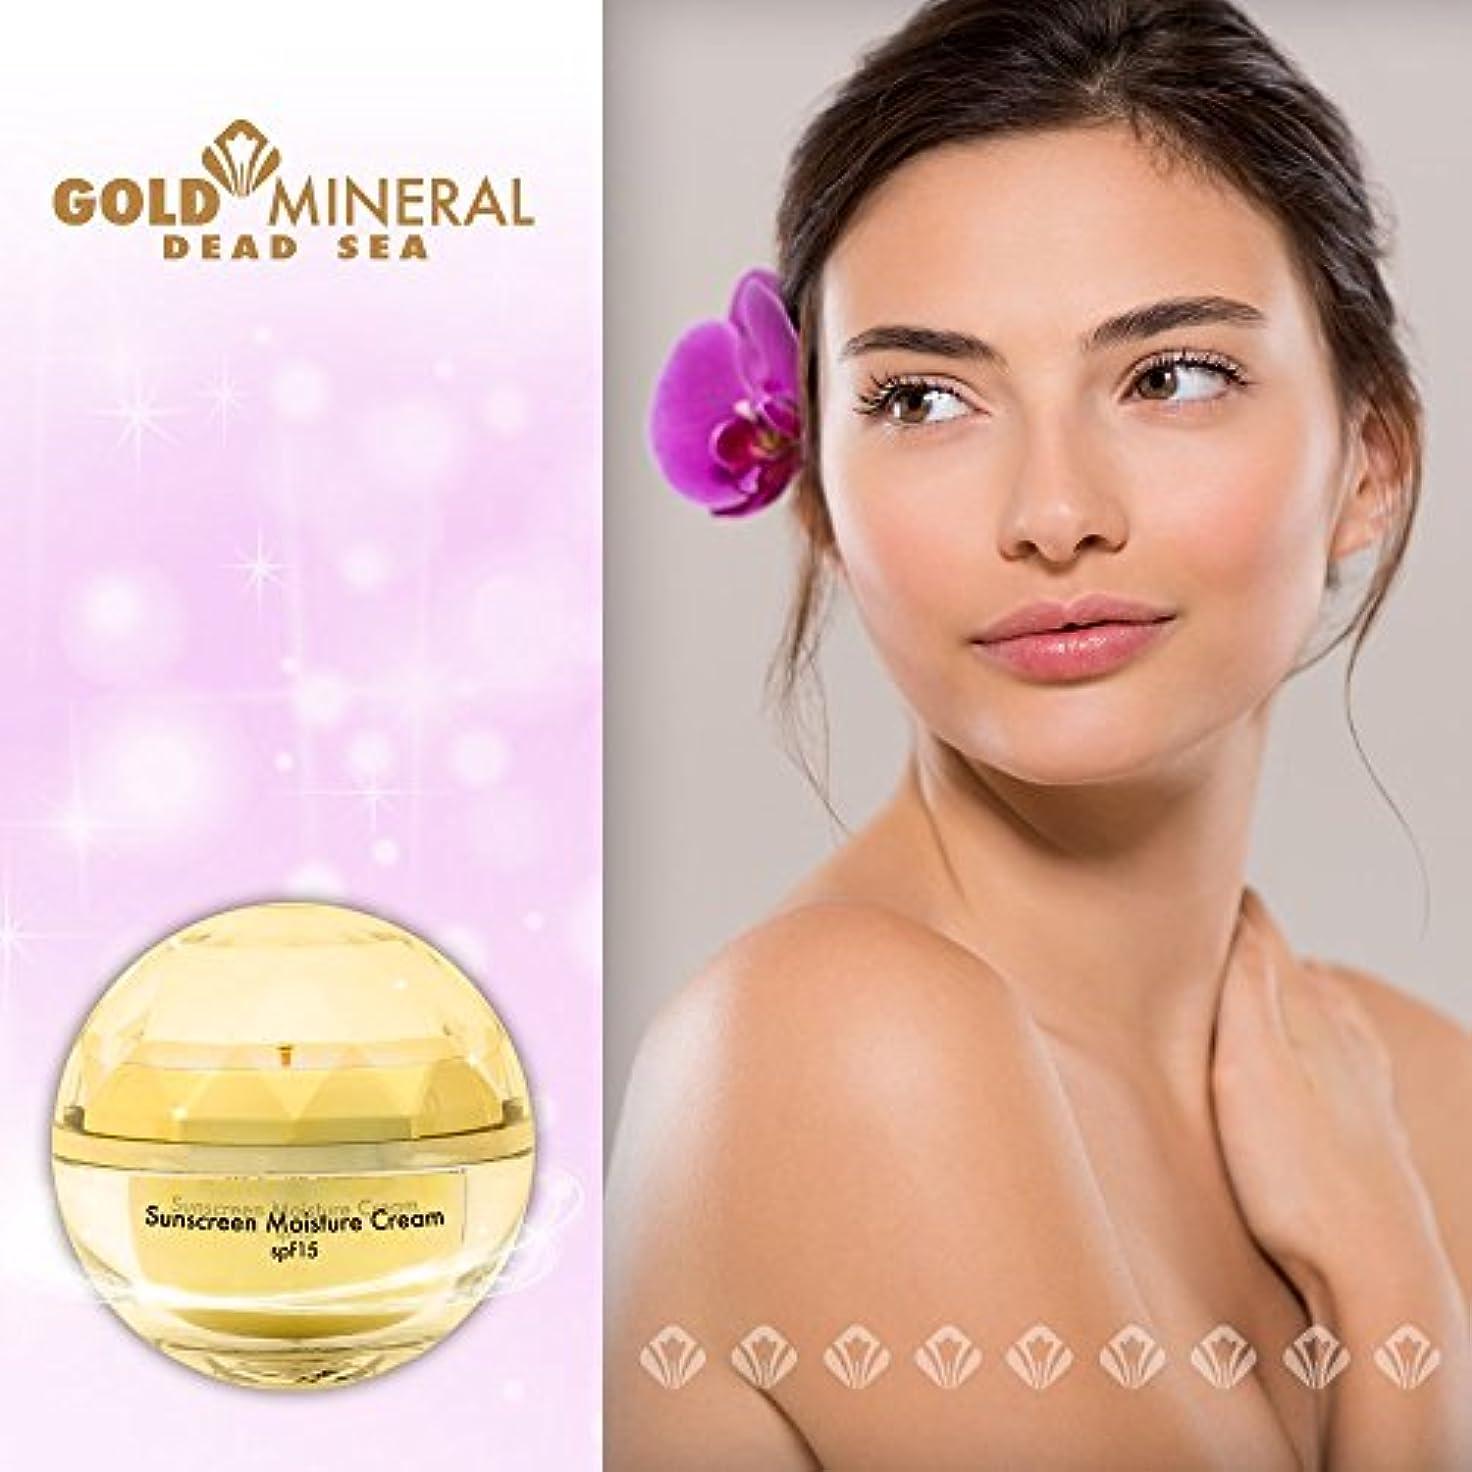 近代化するスモッグ告発者日焼け止め保湿クリーム SPF 15 Sunscreen Moisture Cream